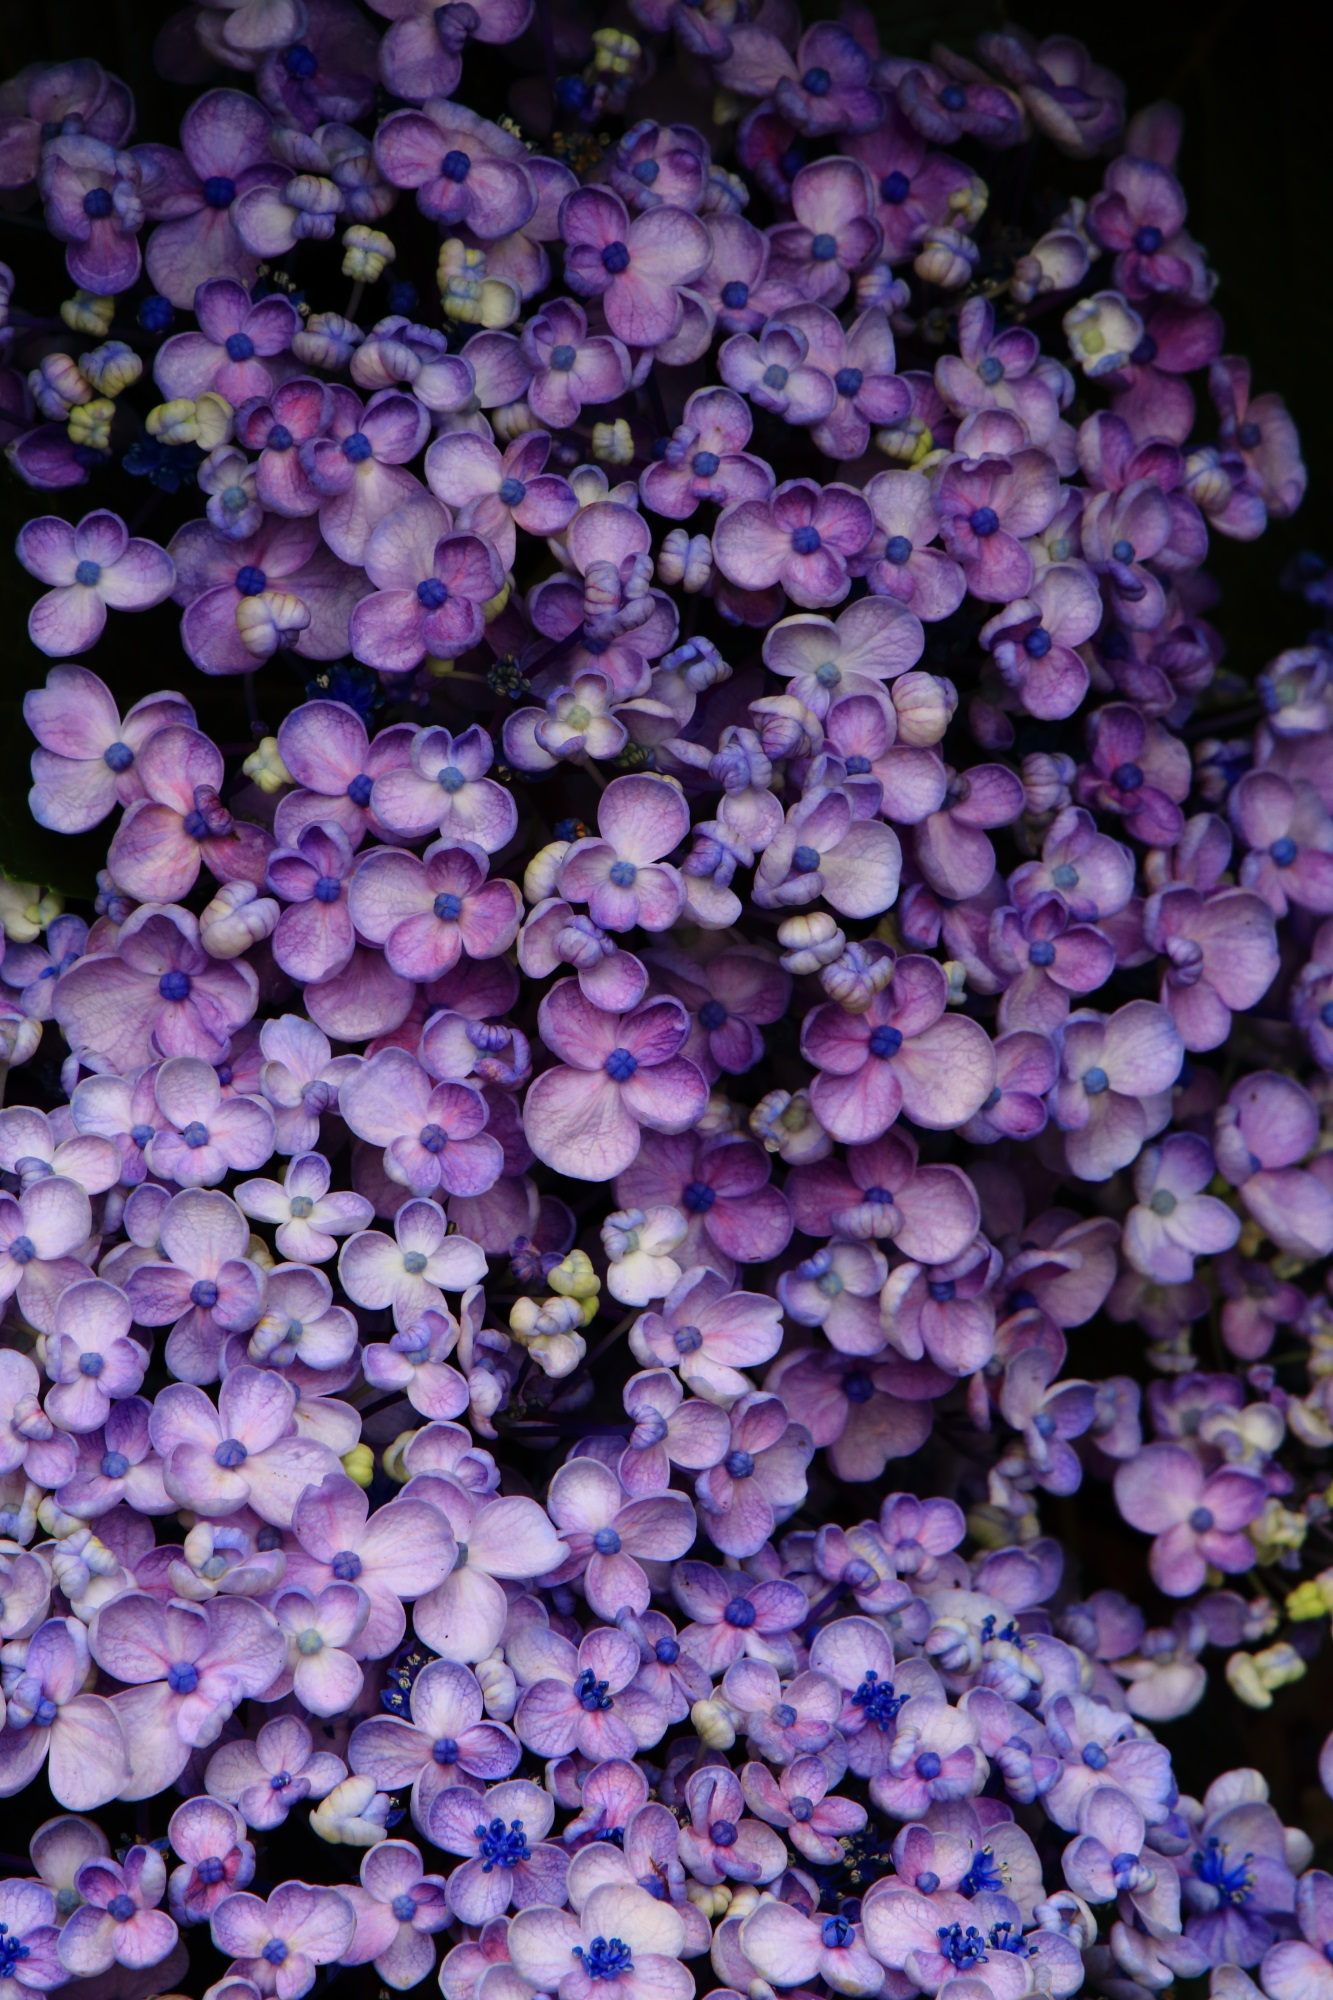 自然が作り出す華やかな芸術作品のような丹州観音寺のお多福紫陽花